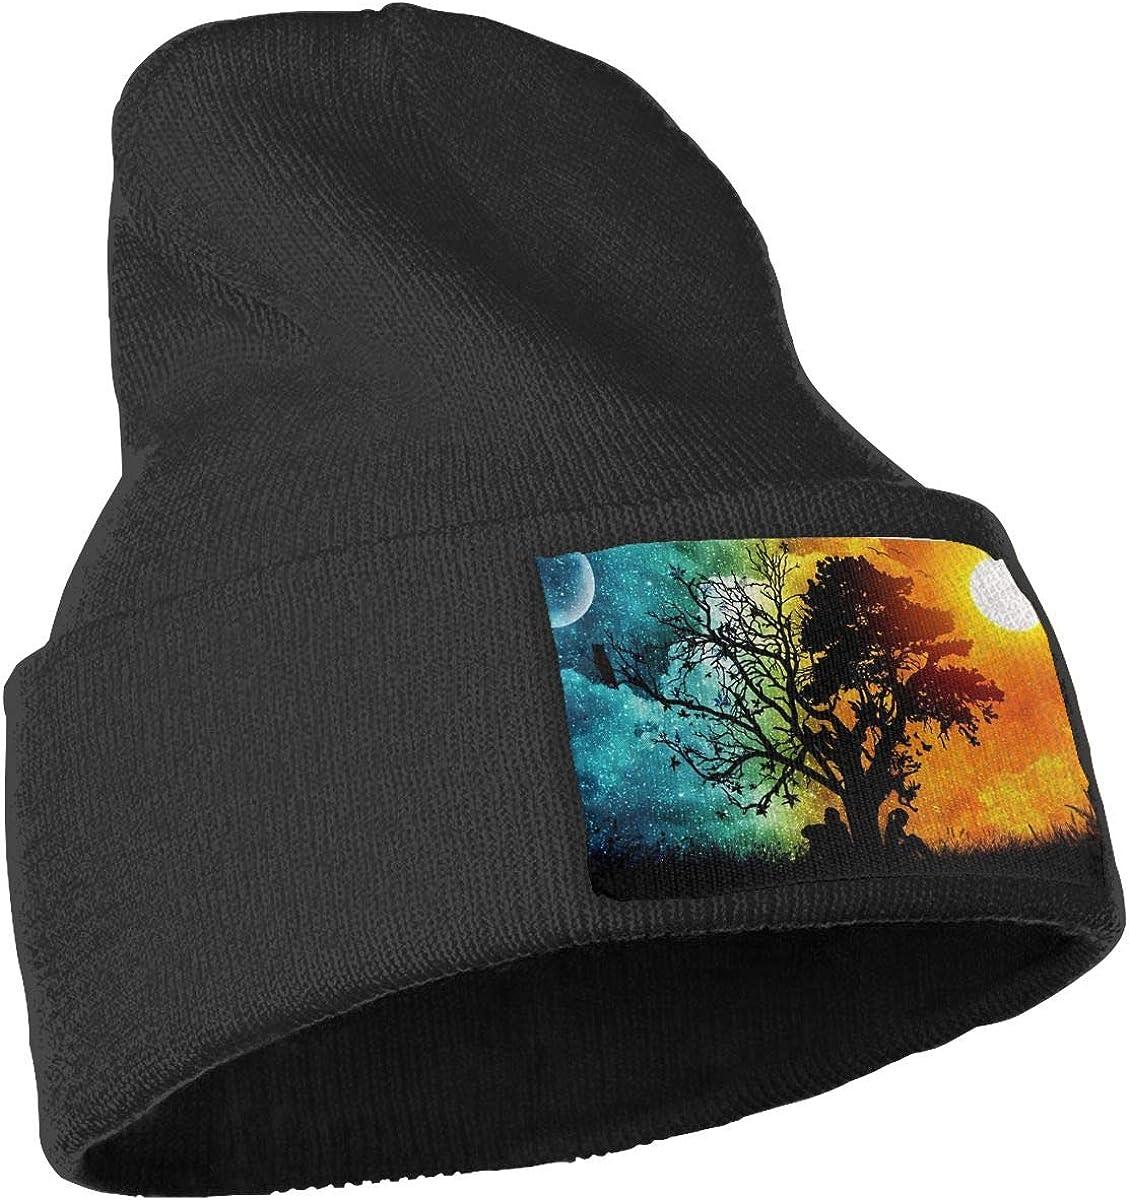 .jpg Beanies Hats Wool Skull Cap for Women Men 3 Poii Qon Timg